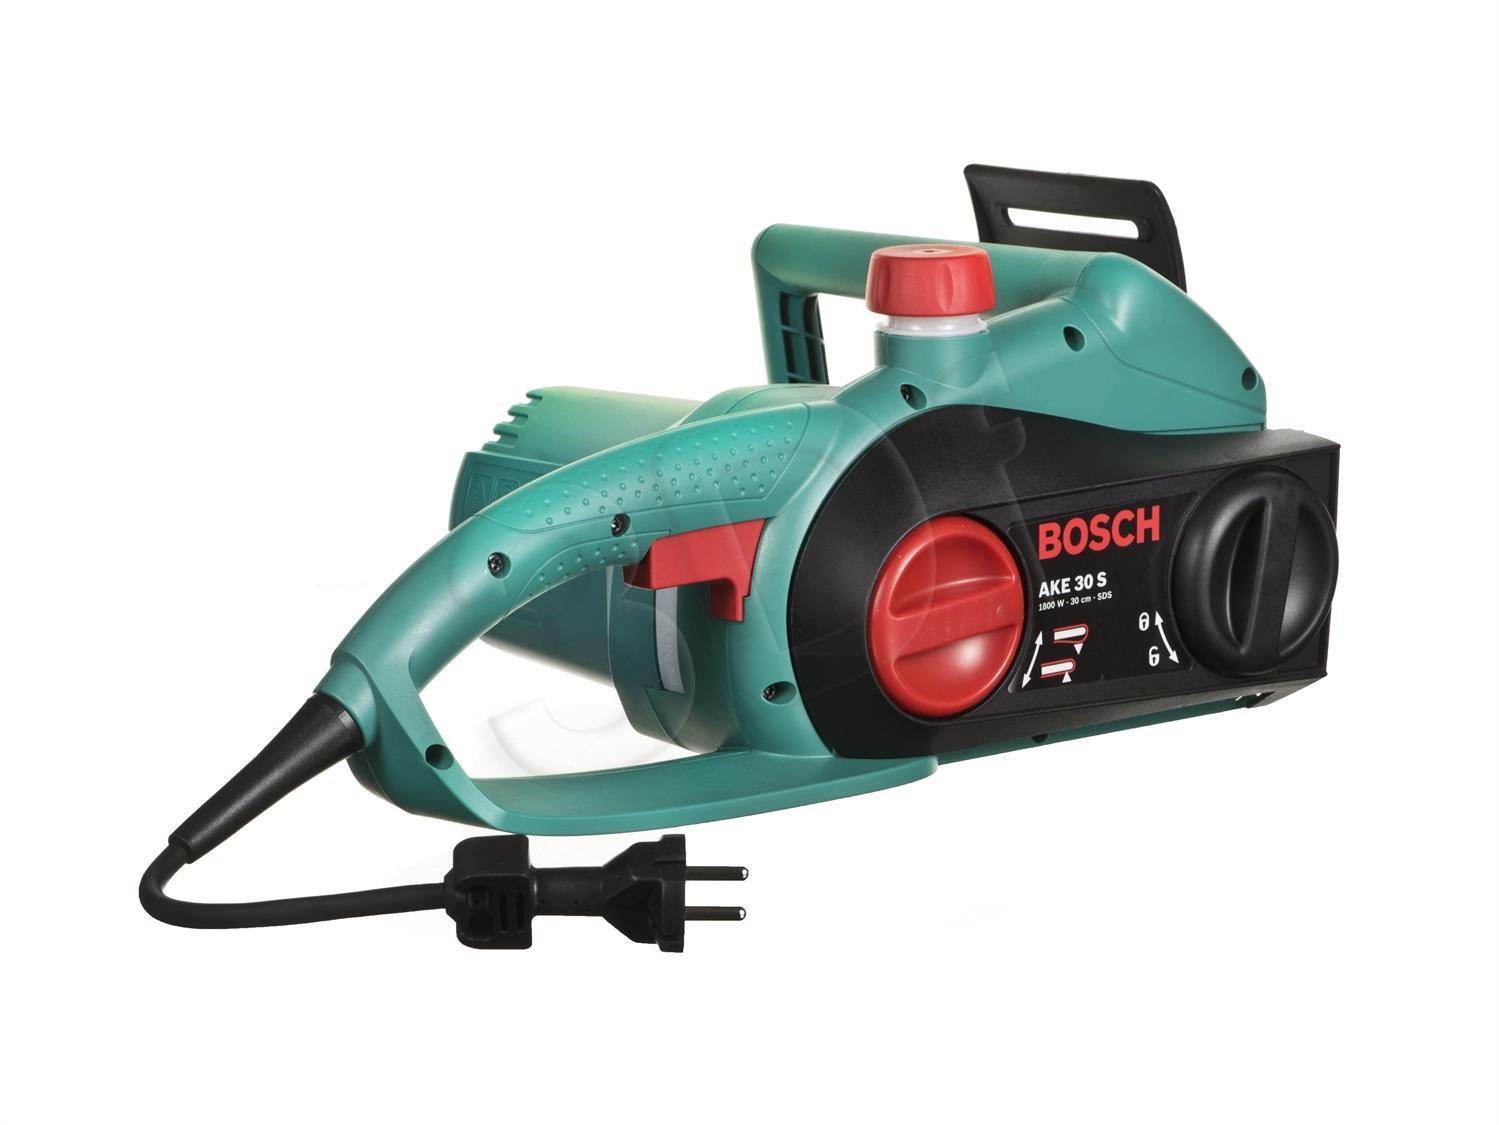 Bosch AKE 30 S Elektriskais zāģis